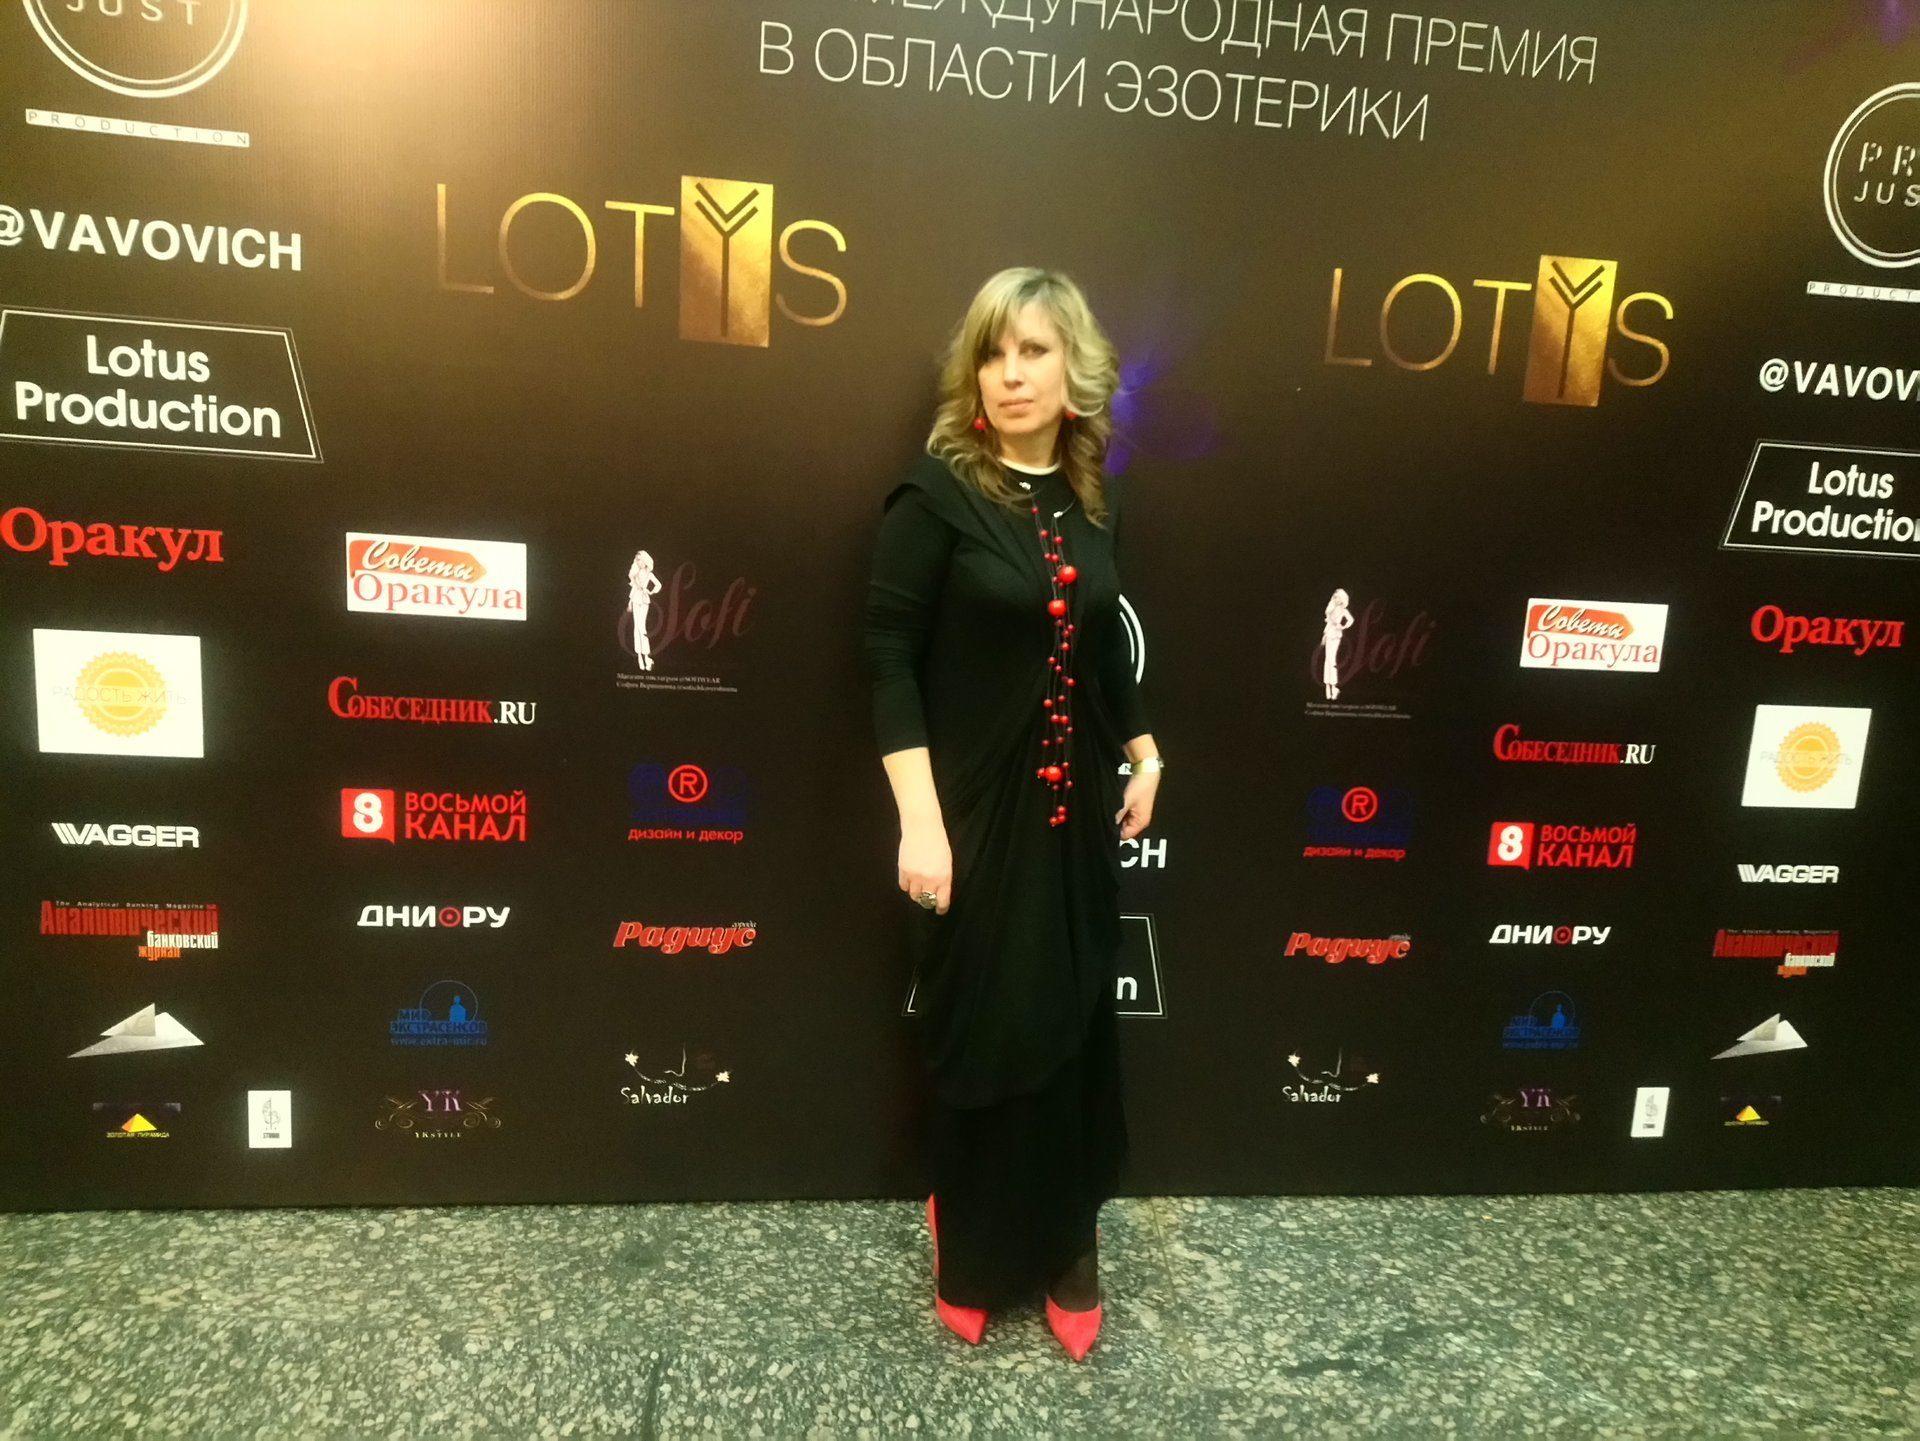 vrucheniye_mezhdunarodnoy_premii_lotos_luchshiy_astrolog_2017_goda